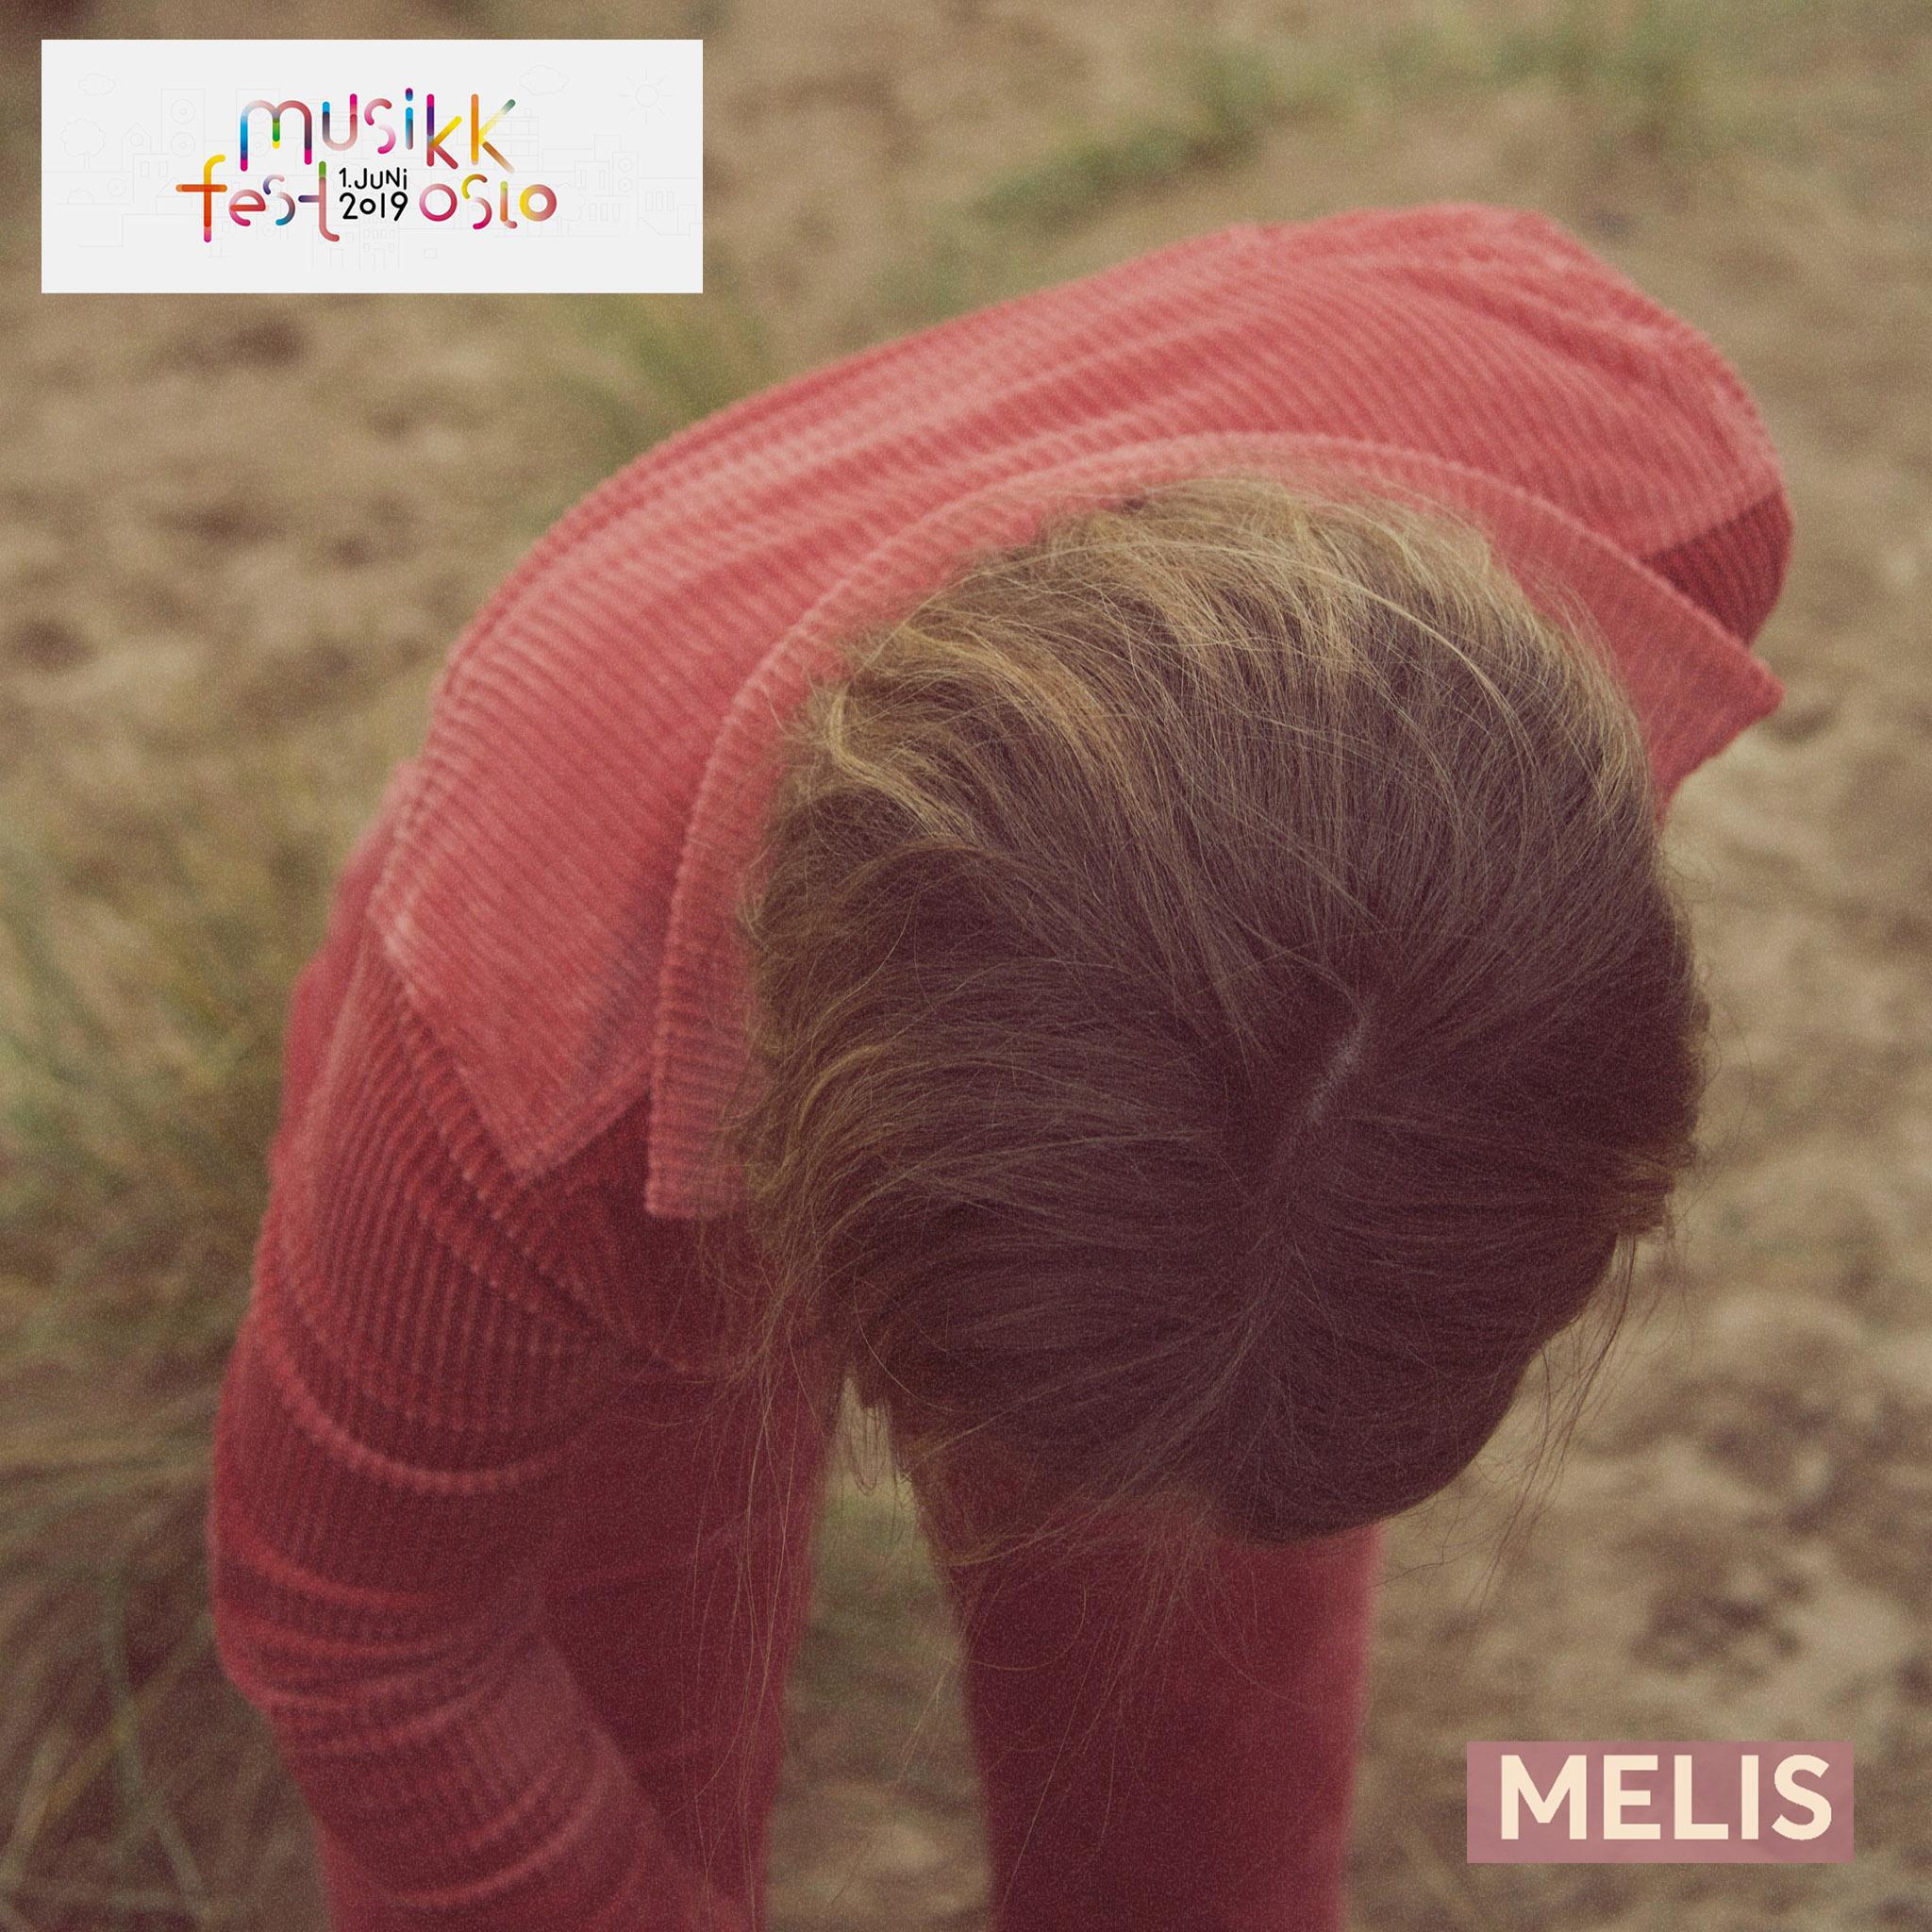 Melis Musikkfest 2.jpg